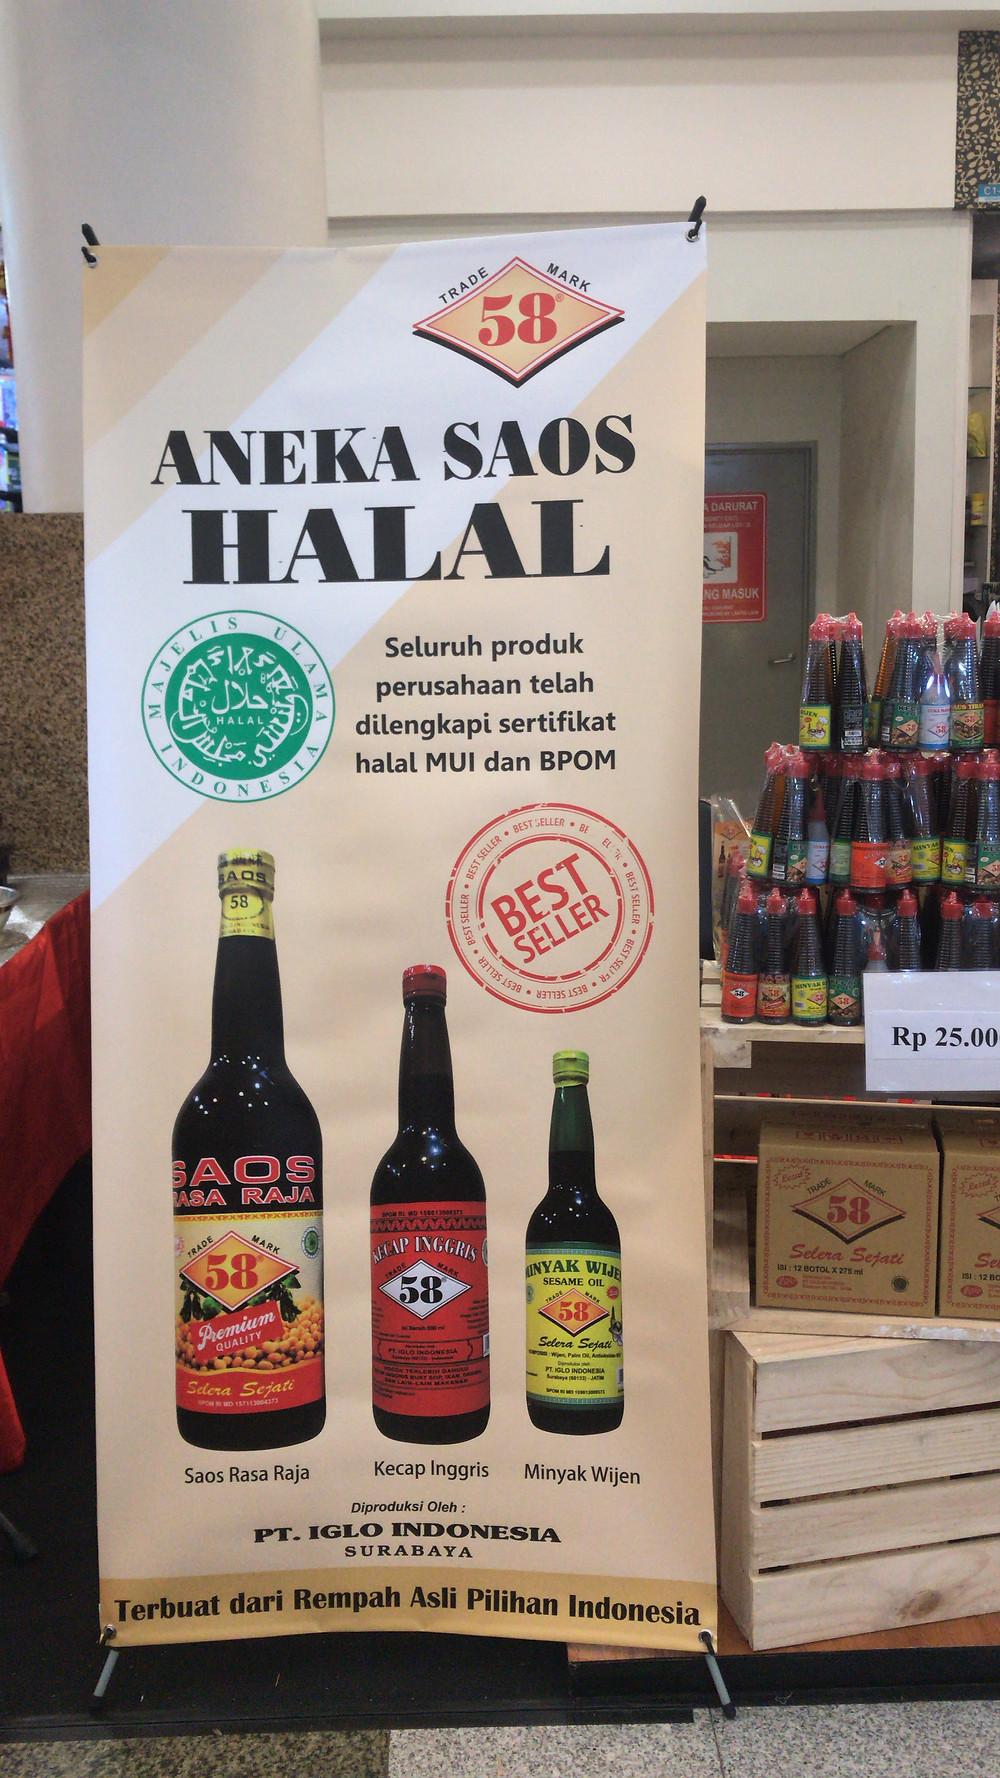 Aneka Saos Halal 58